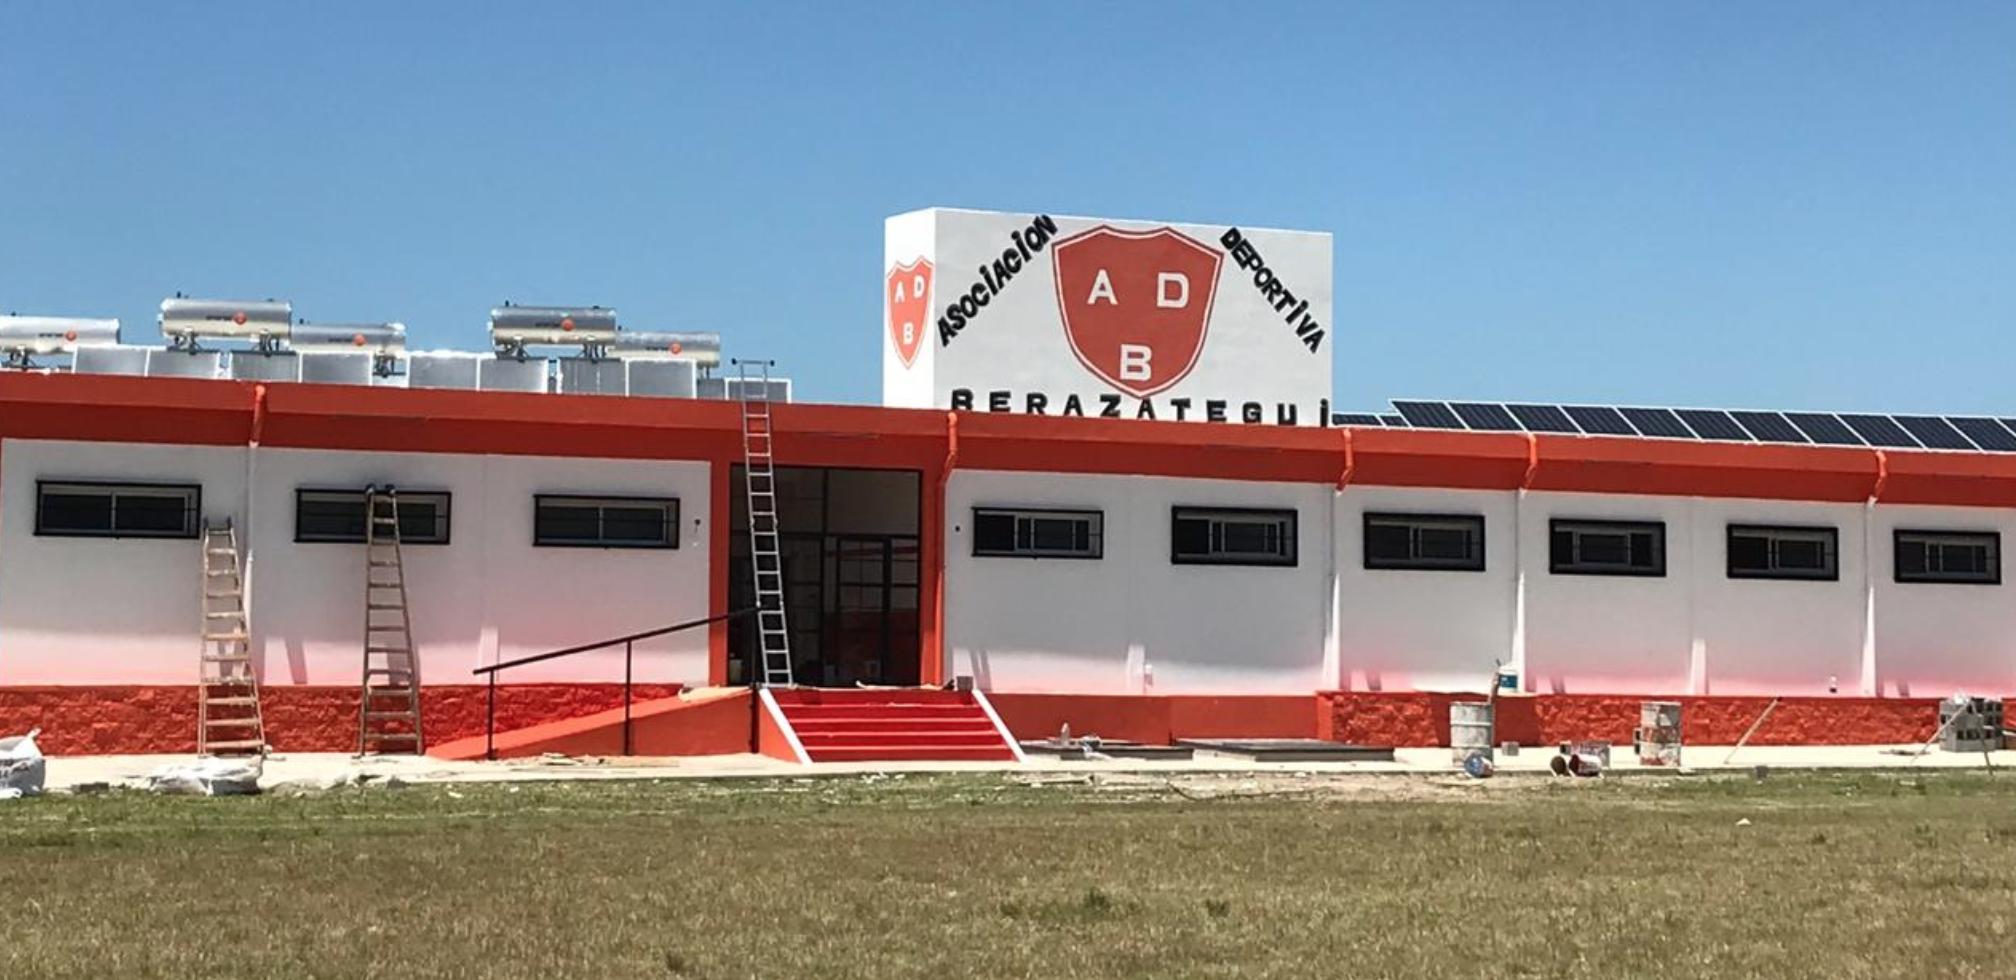 Asociacion Deportiva Berazategui